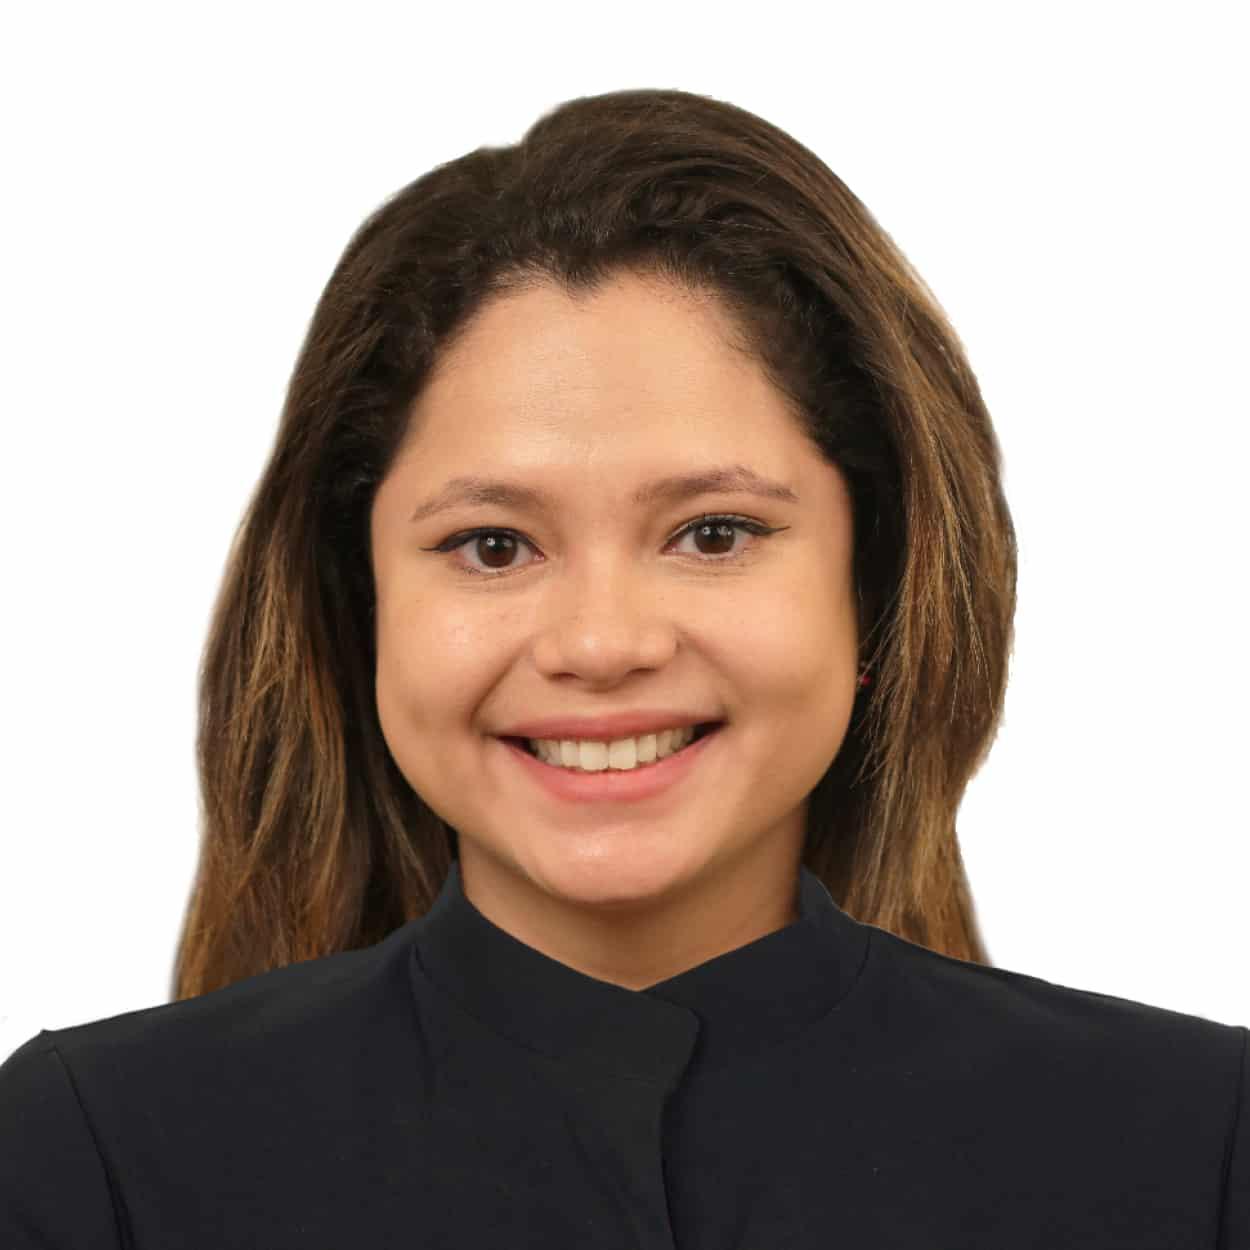 Jasmin Eberle